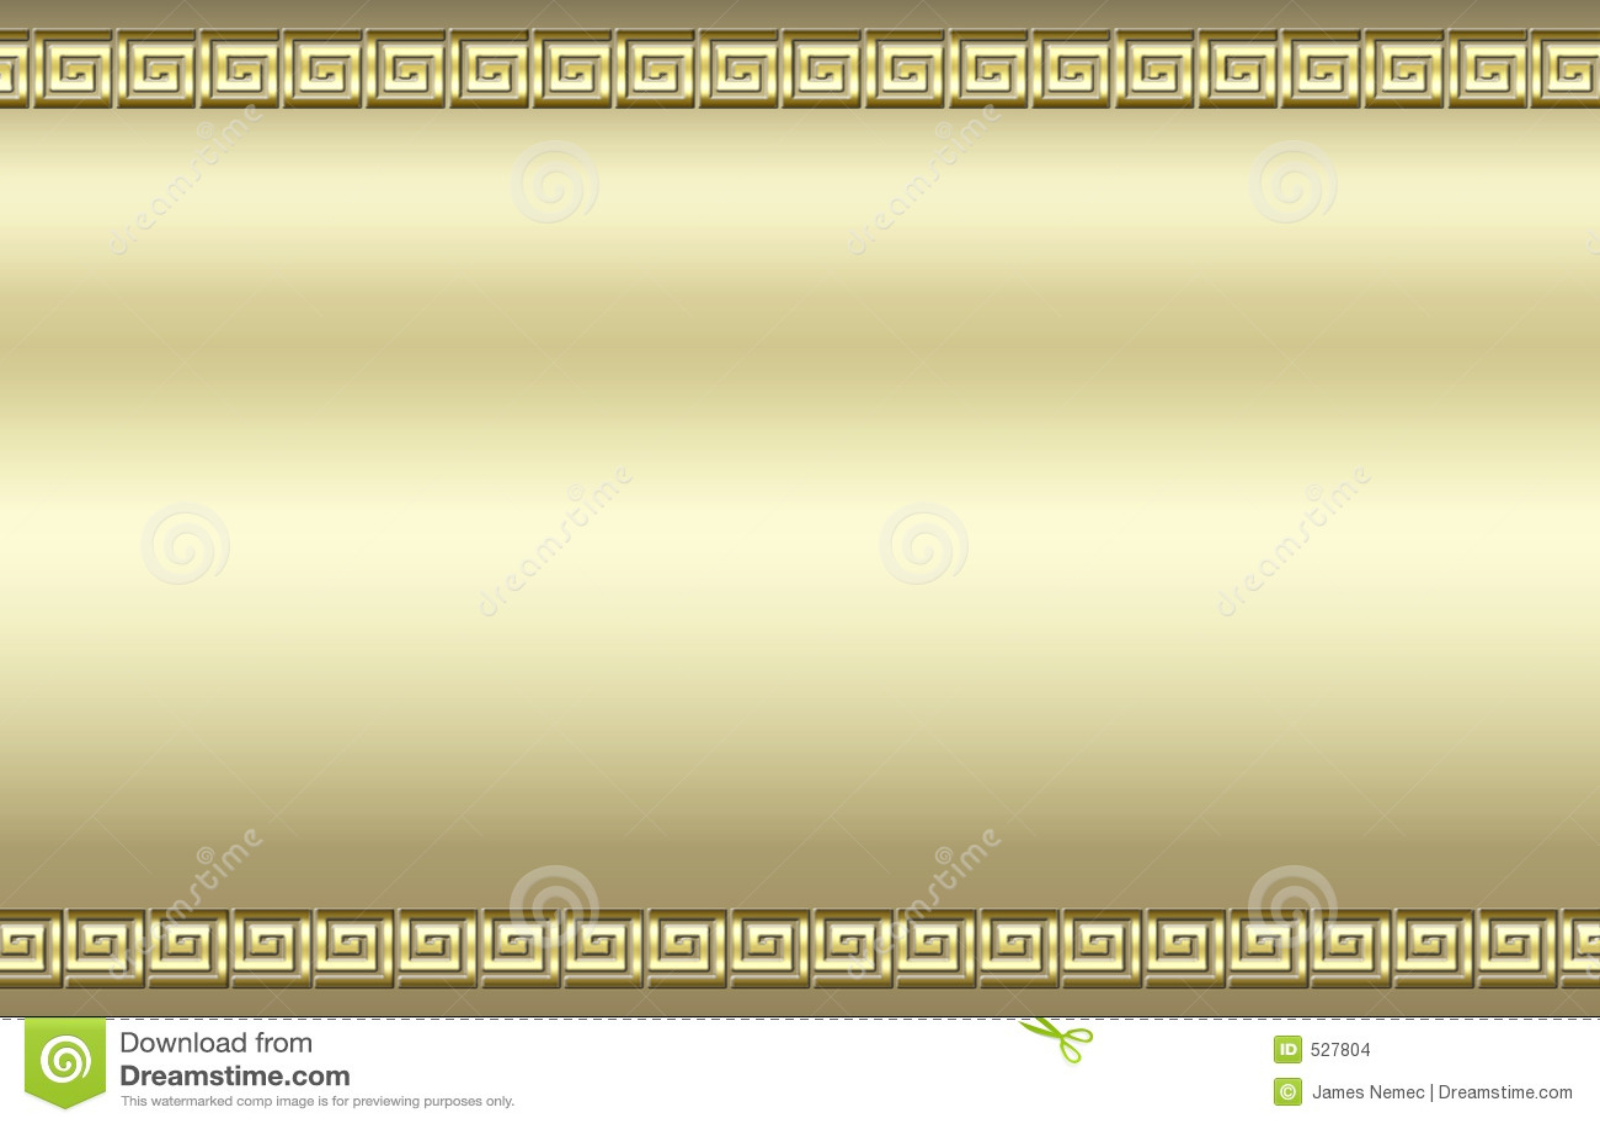 Download 边界金黄漩涡 库存例证. 插画 包括有 详细资料, 国界的, 葡萄酒, 经典, 框架, 绘画, 设计, 颜色 - 527804